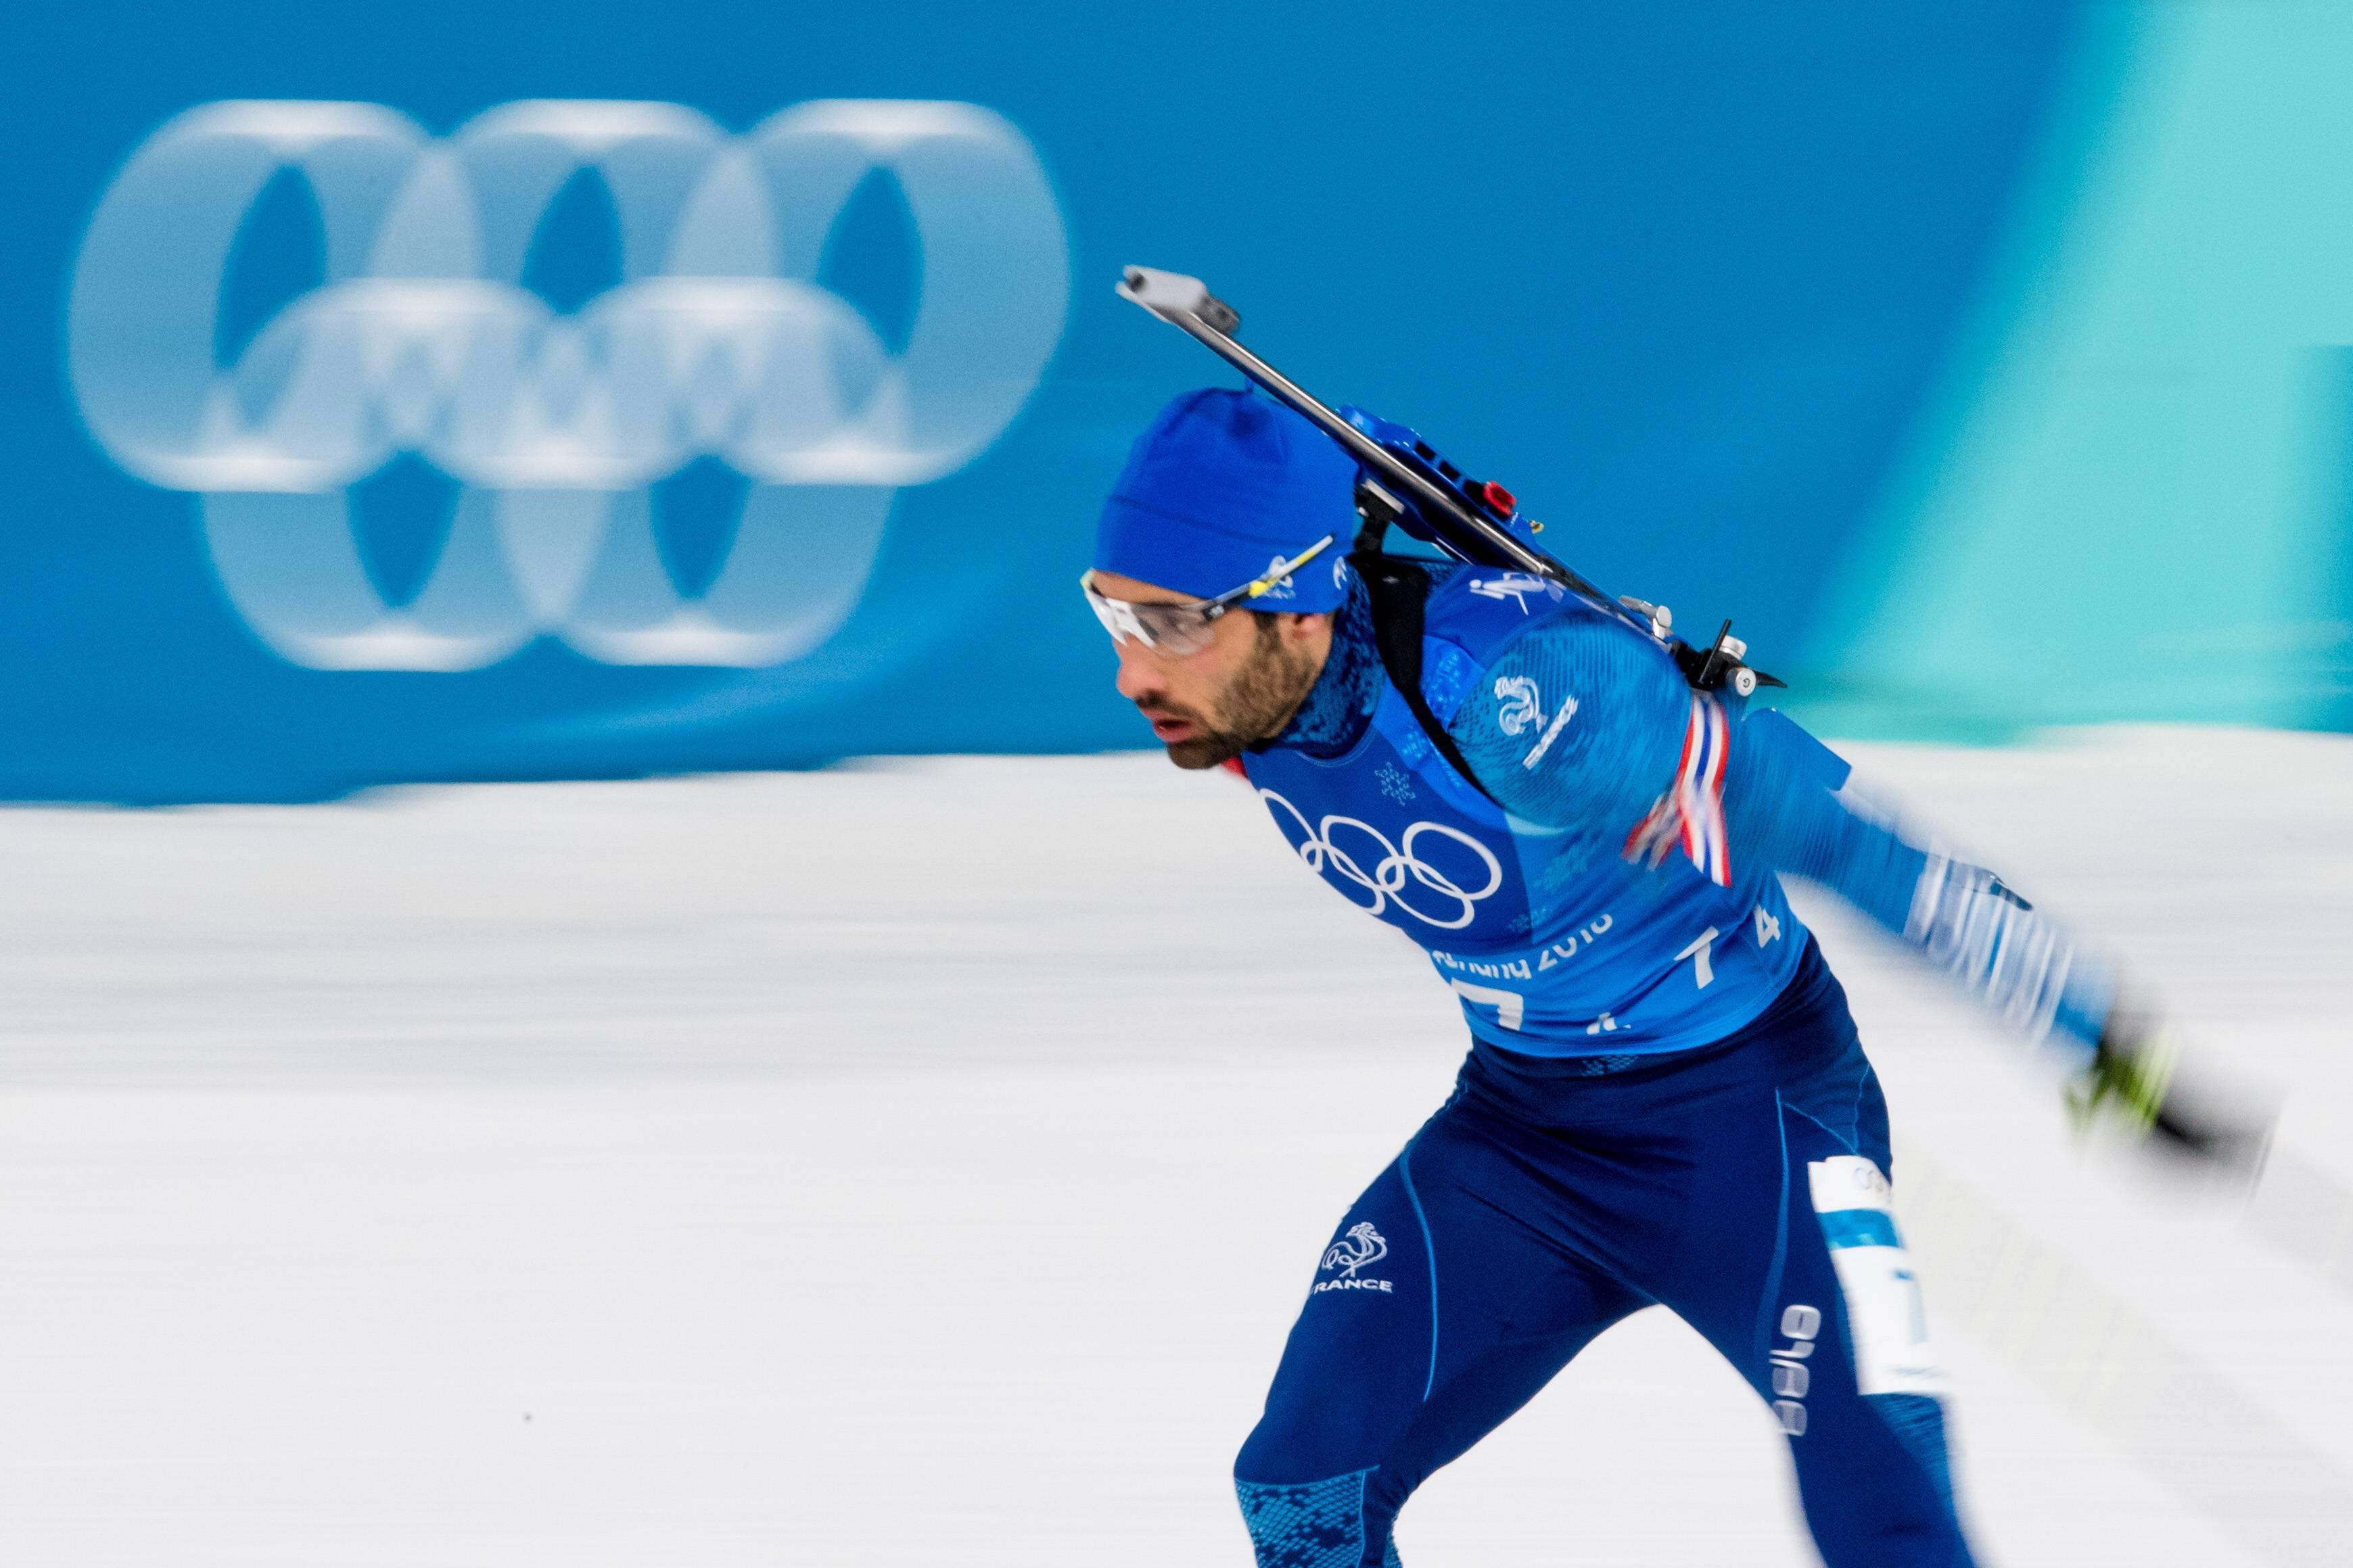 Jeux olympiques - Pyeongchang 2018 - Martin Fourcade : «Nous n'avons pas été à notre niveau»